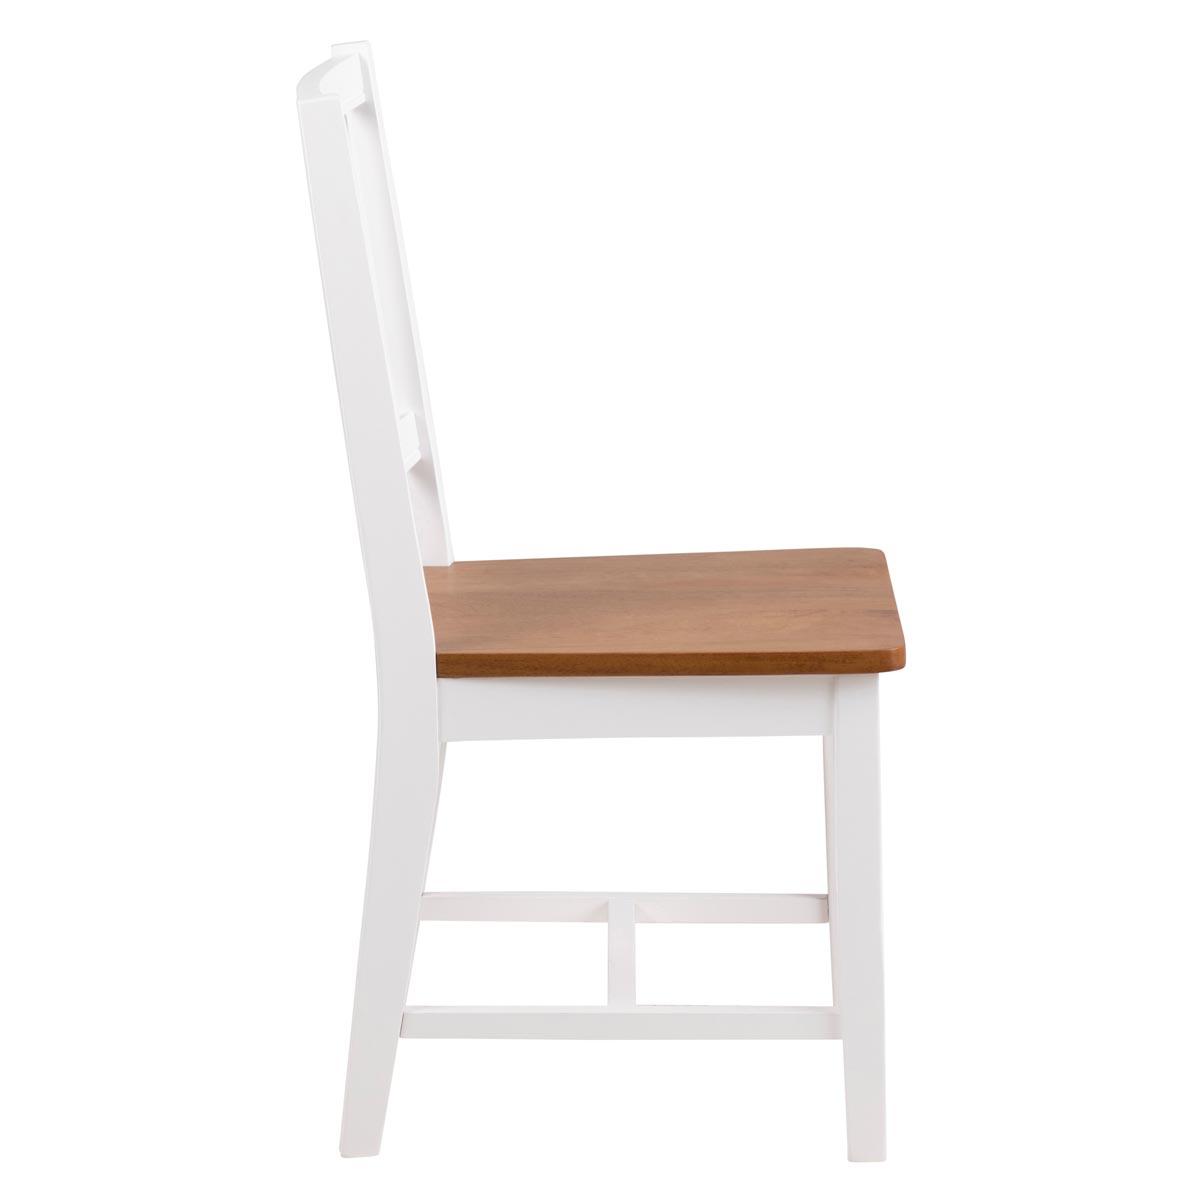 BRISBANE-stol-sid